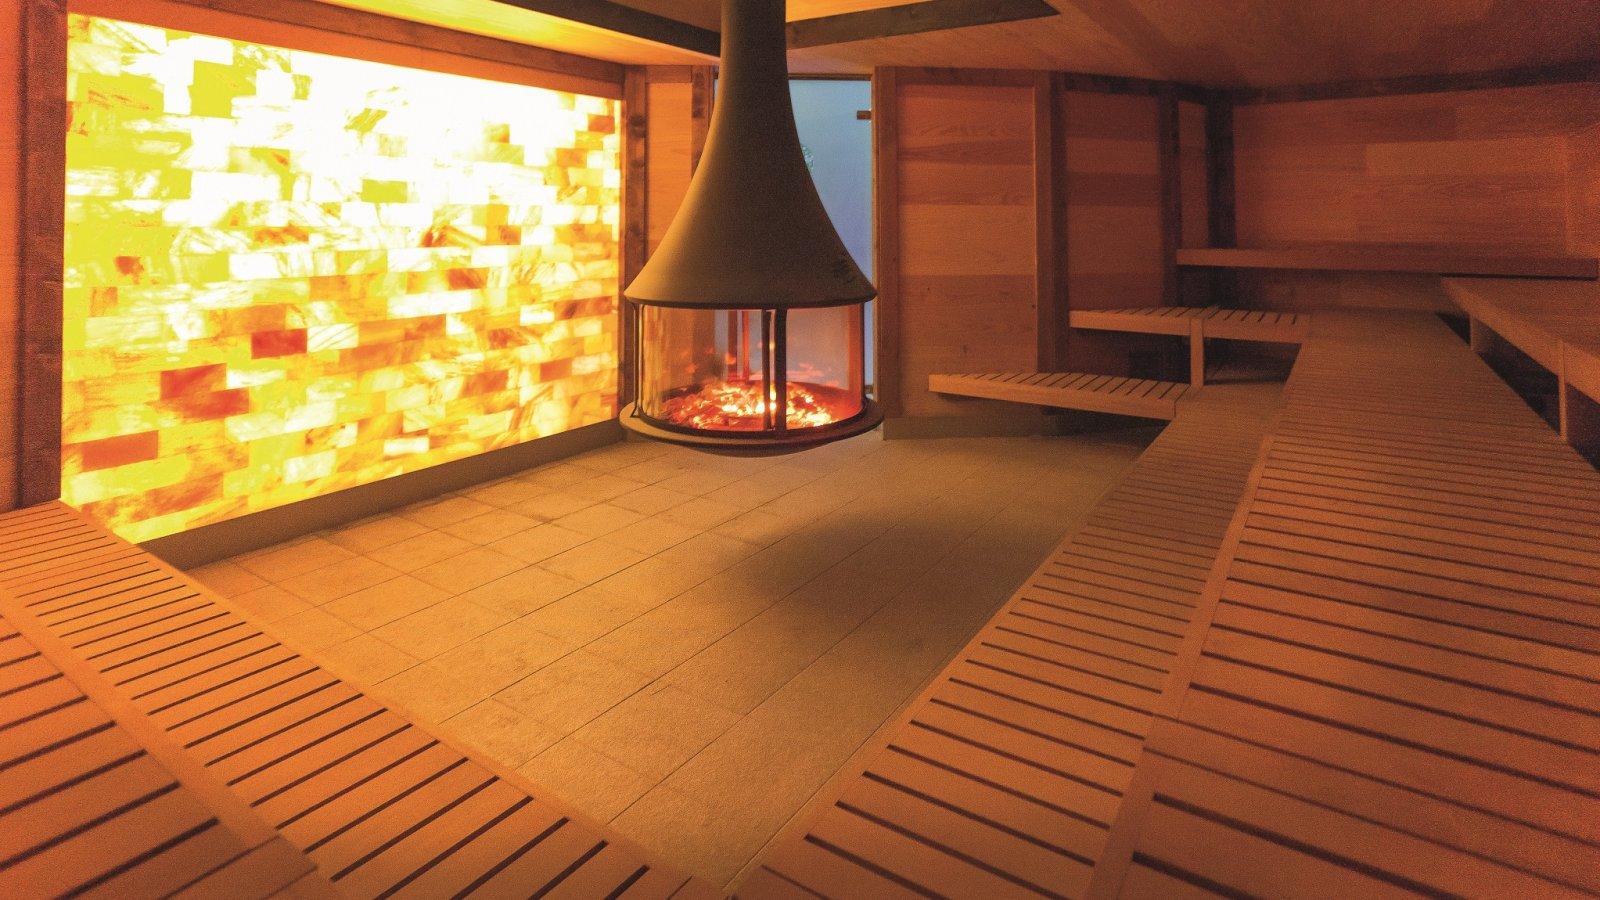 Extrem Saunen, Whirlpools, Infrarotkabinen, Wärmekabinen, Thera-Med TP45